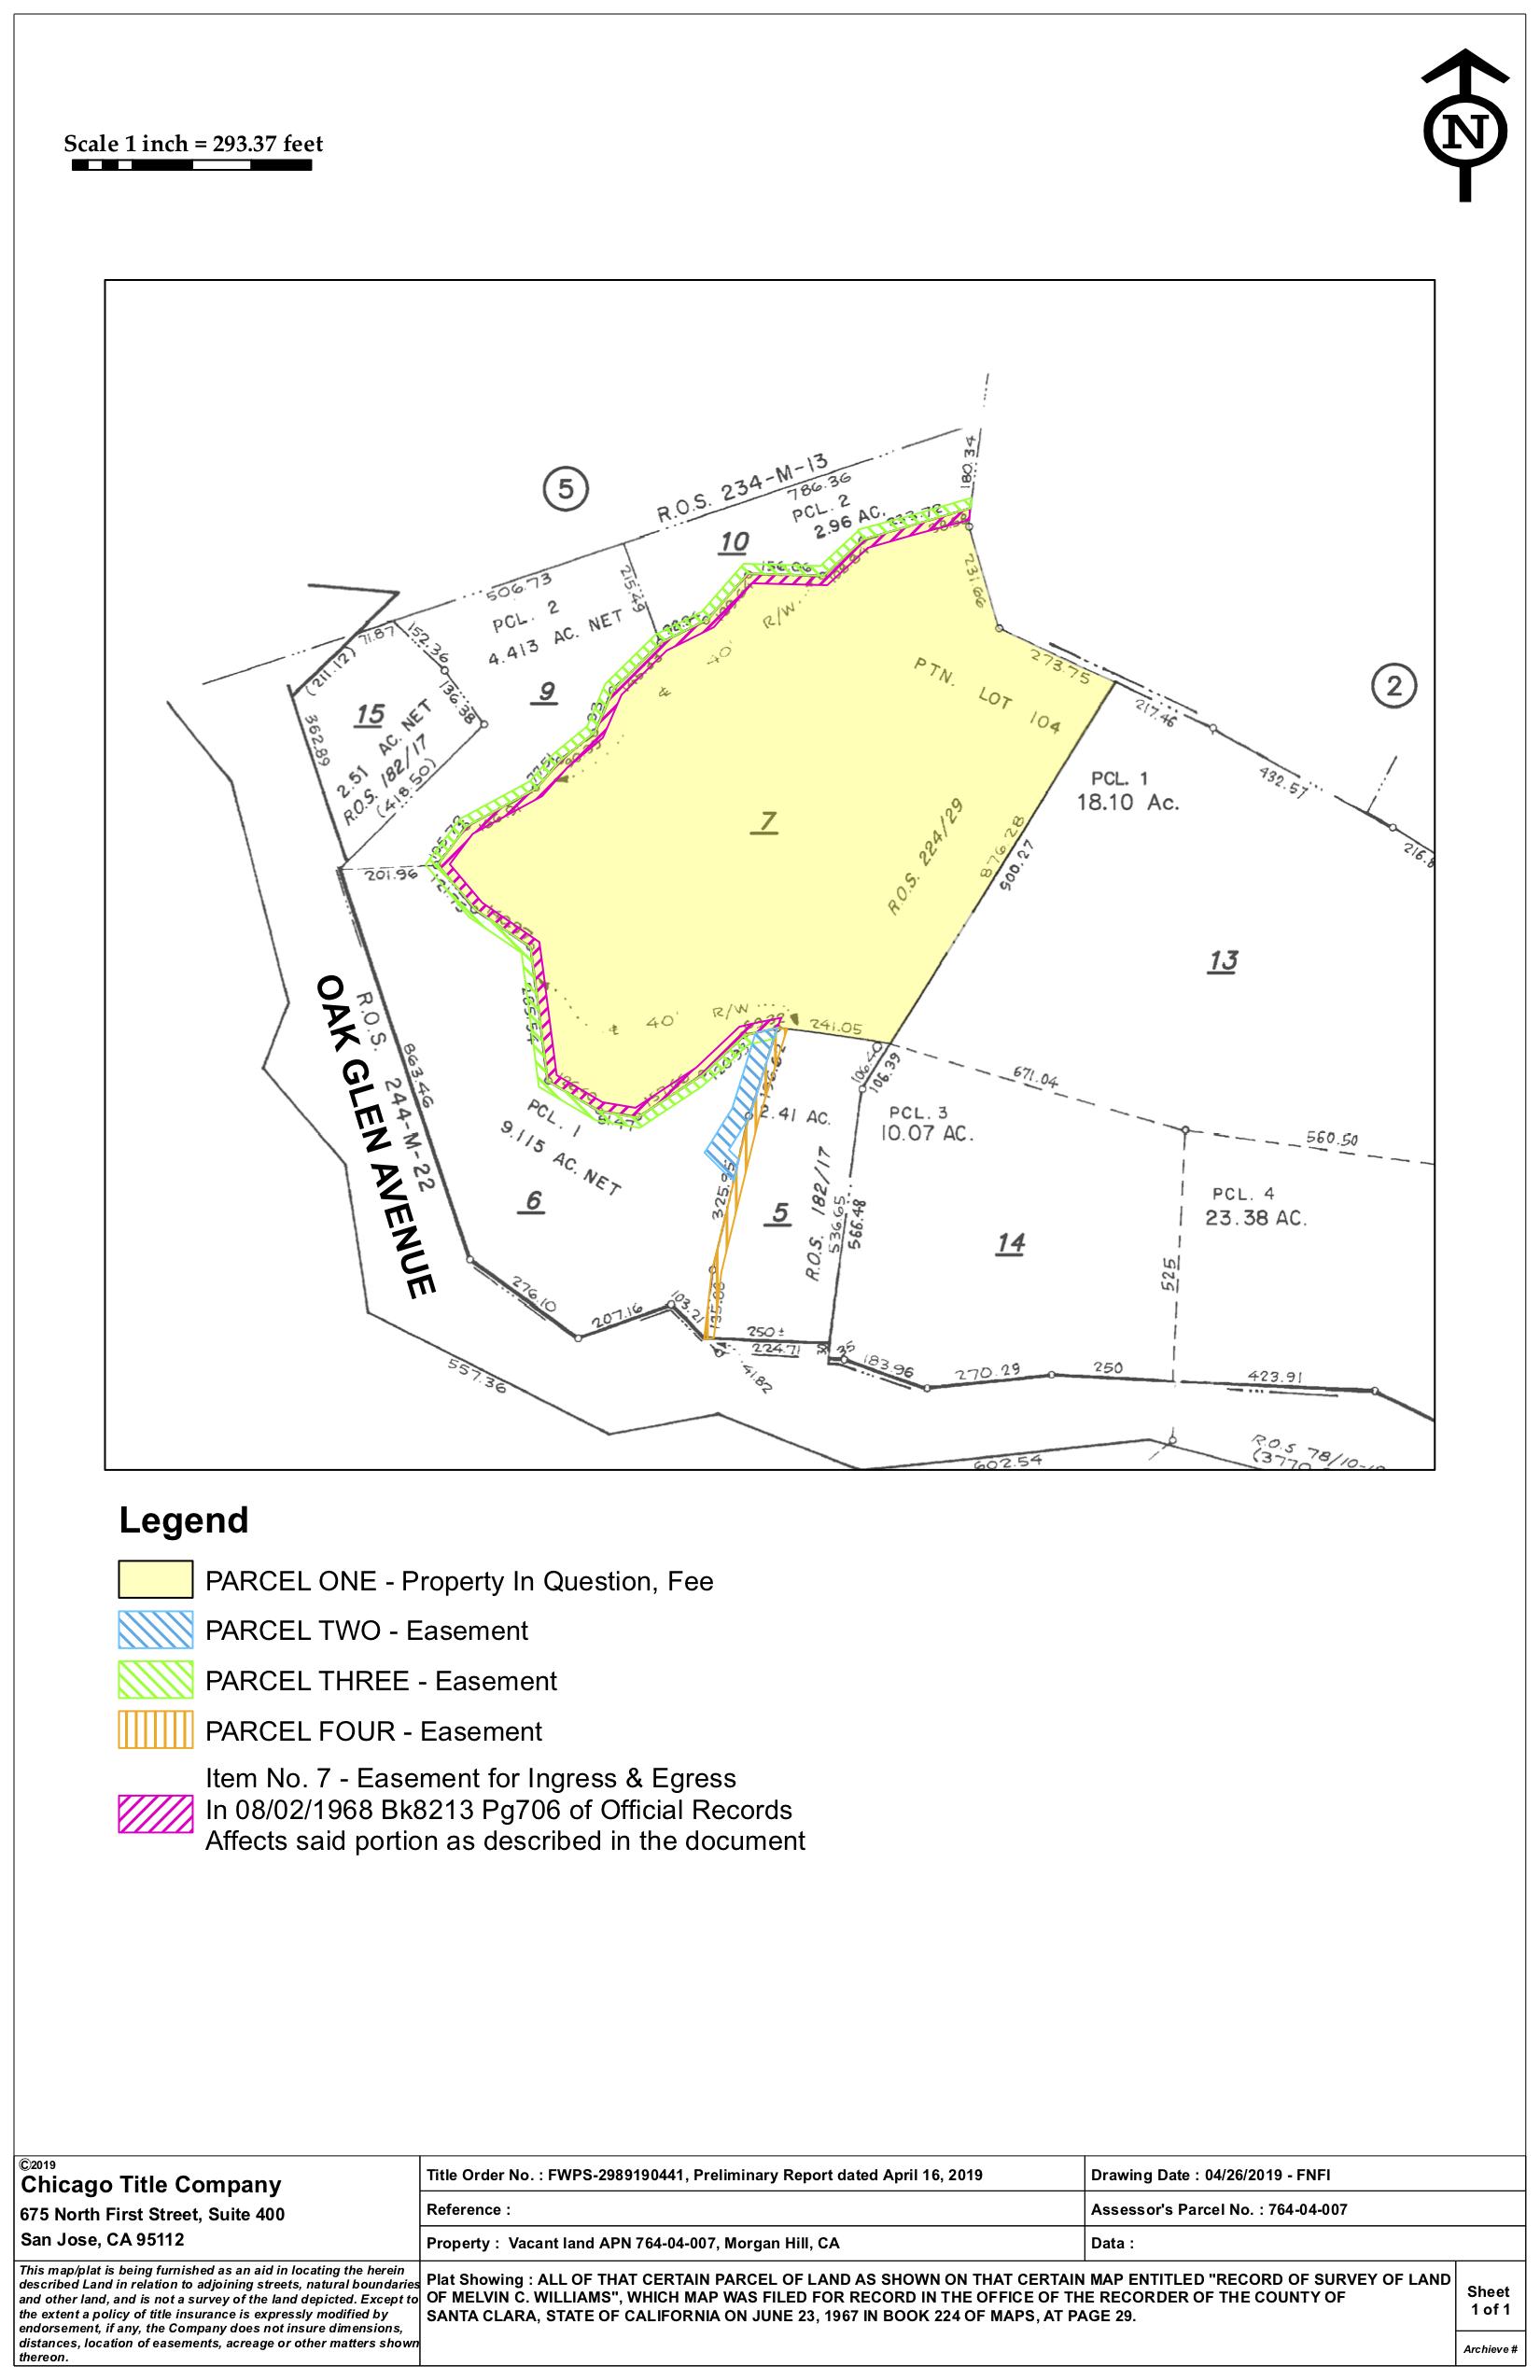 FWPS-2989190441 color map.jpg